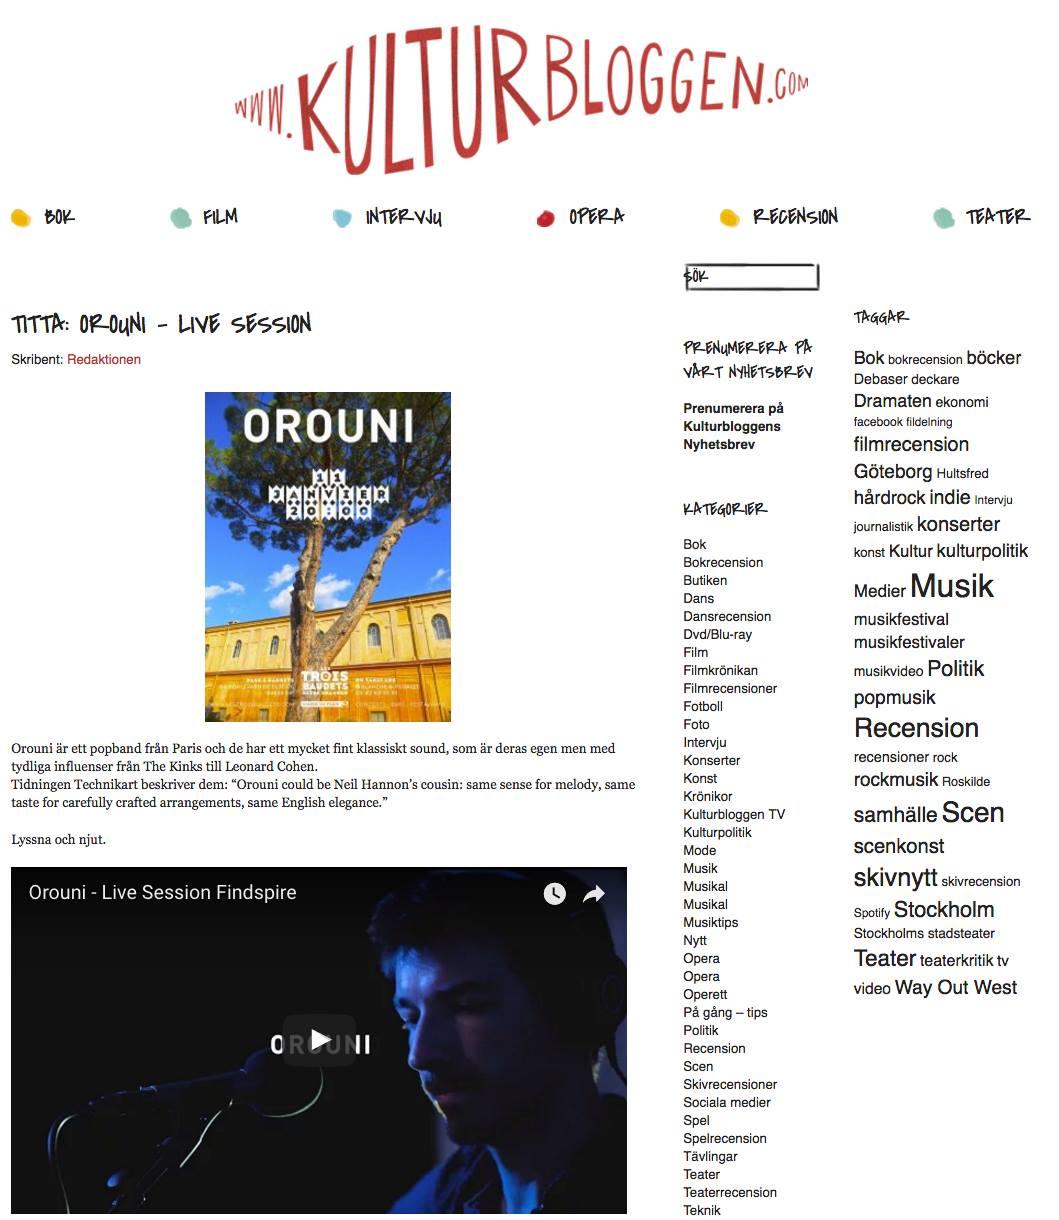 Orouni - Kulturbloggen